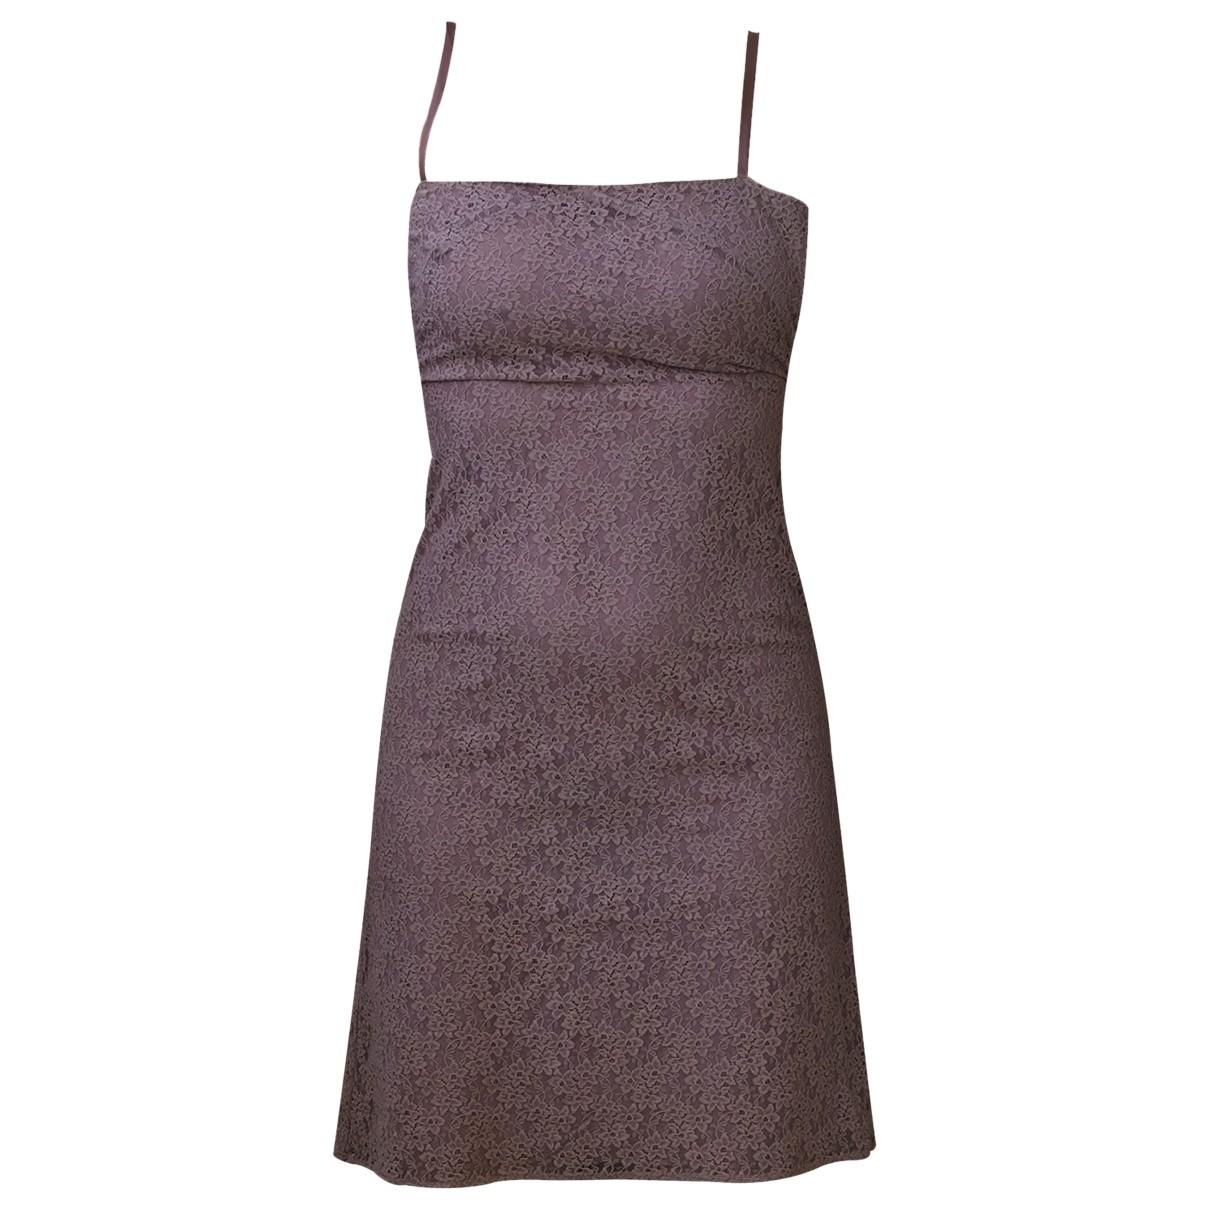 Claudie Pierlot \N Kleid in  Lila Baumwolle